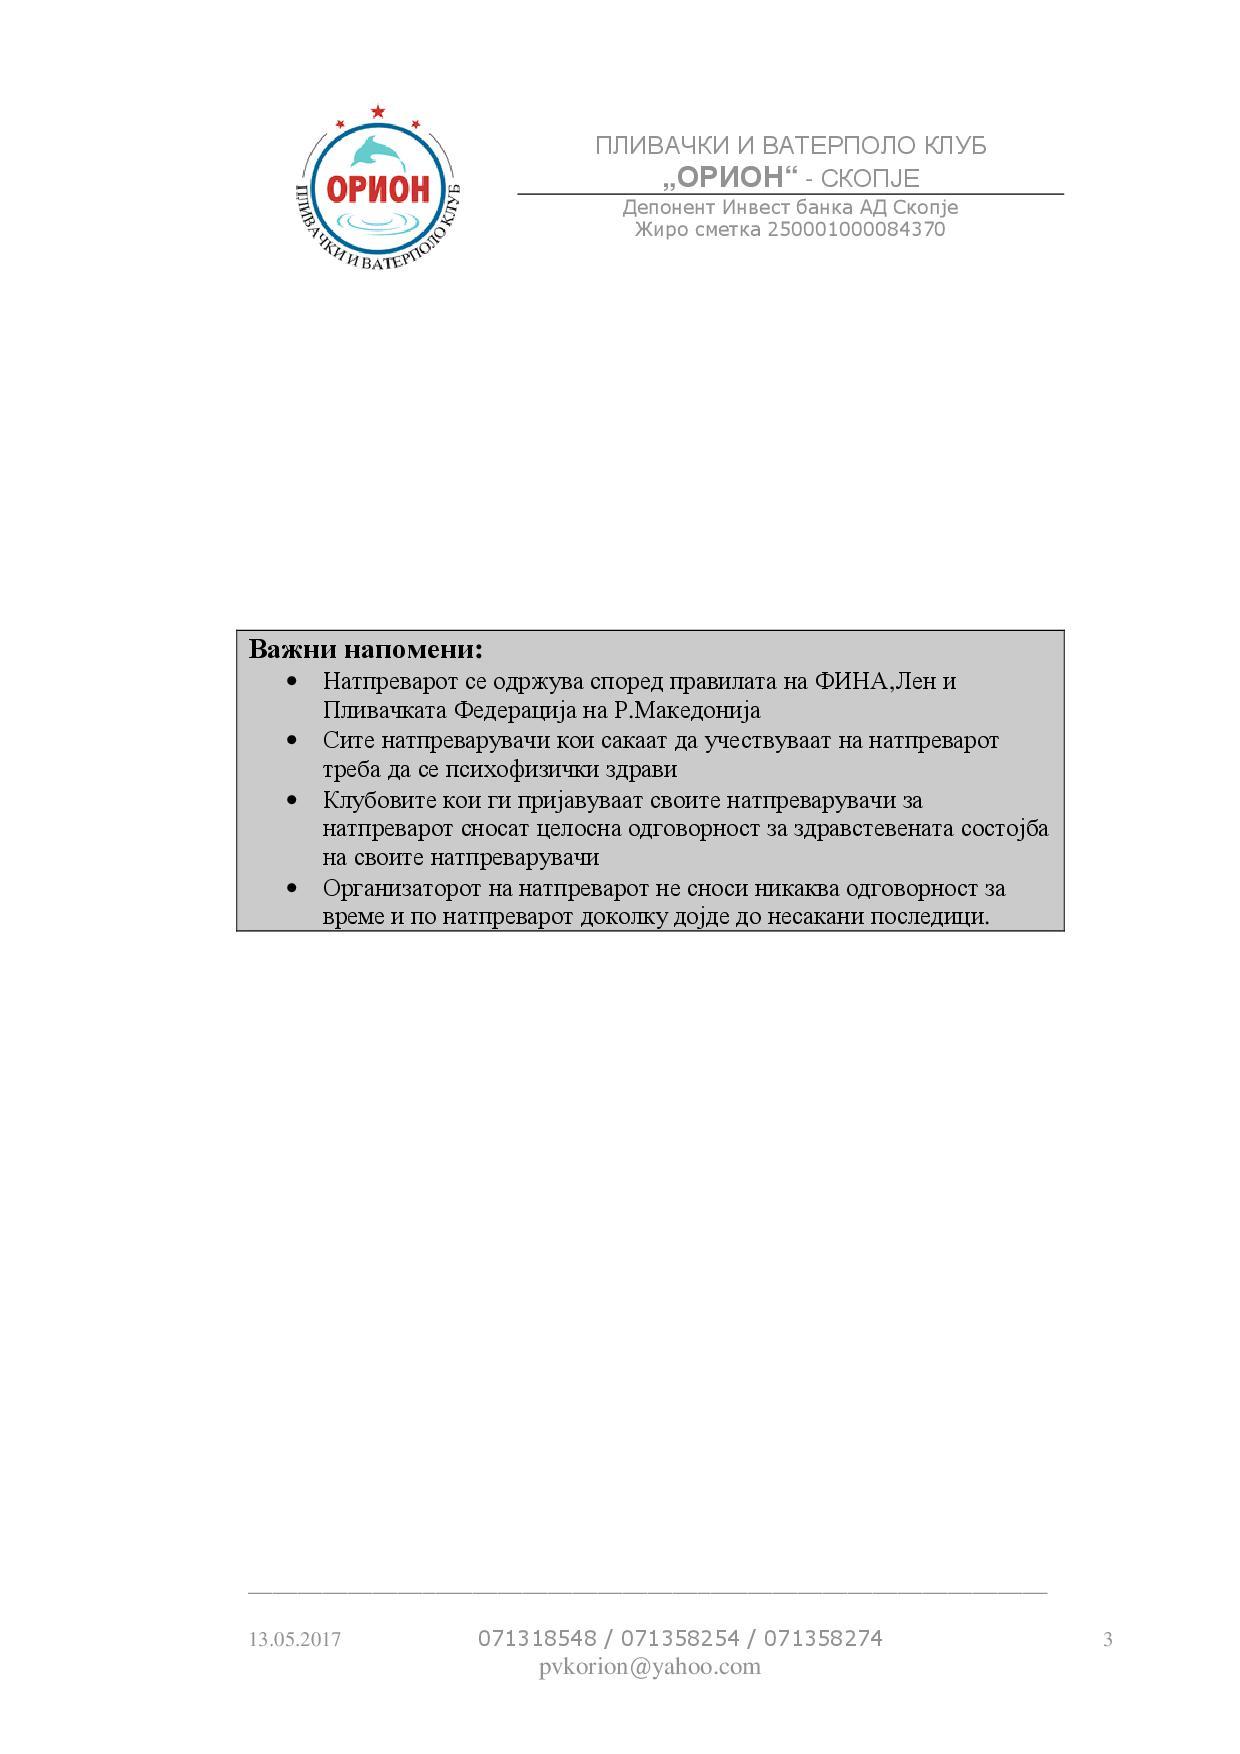 Originalne propozicije organizatora, strana 3